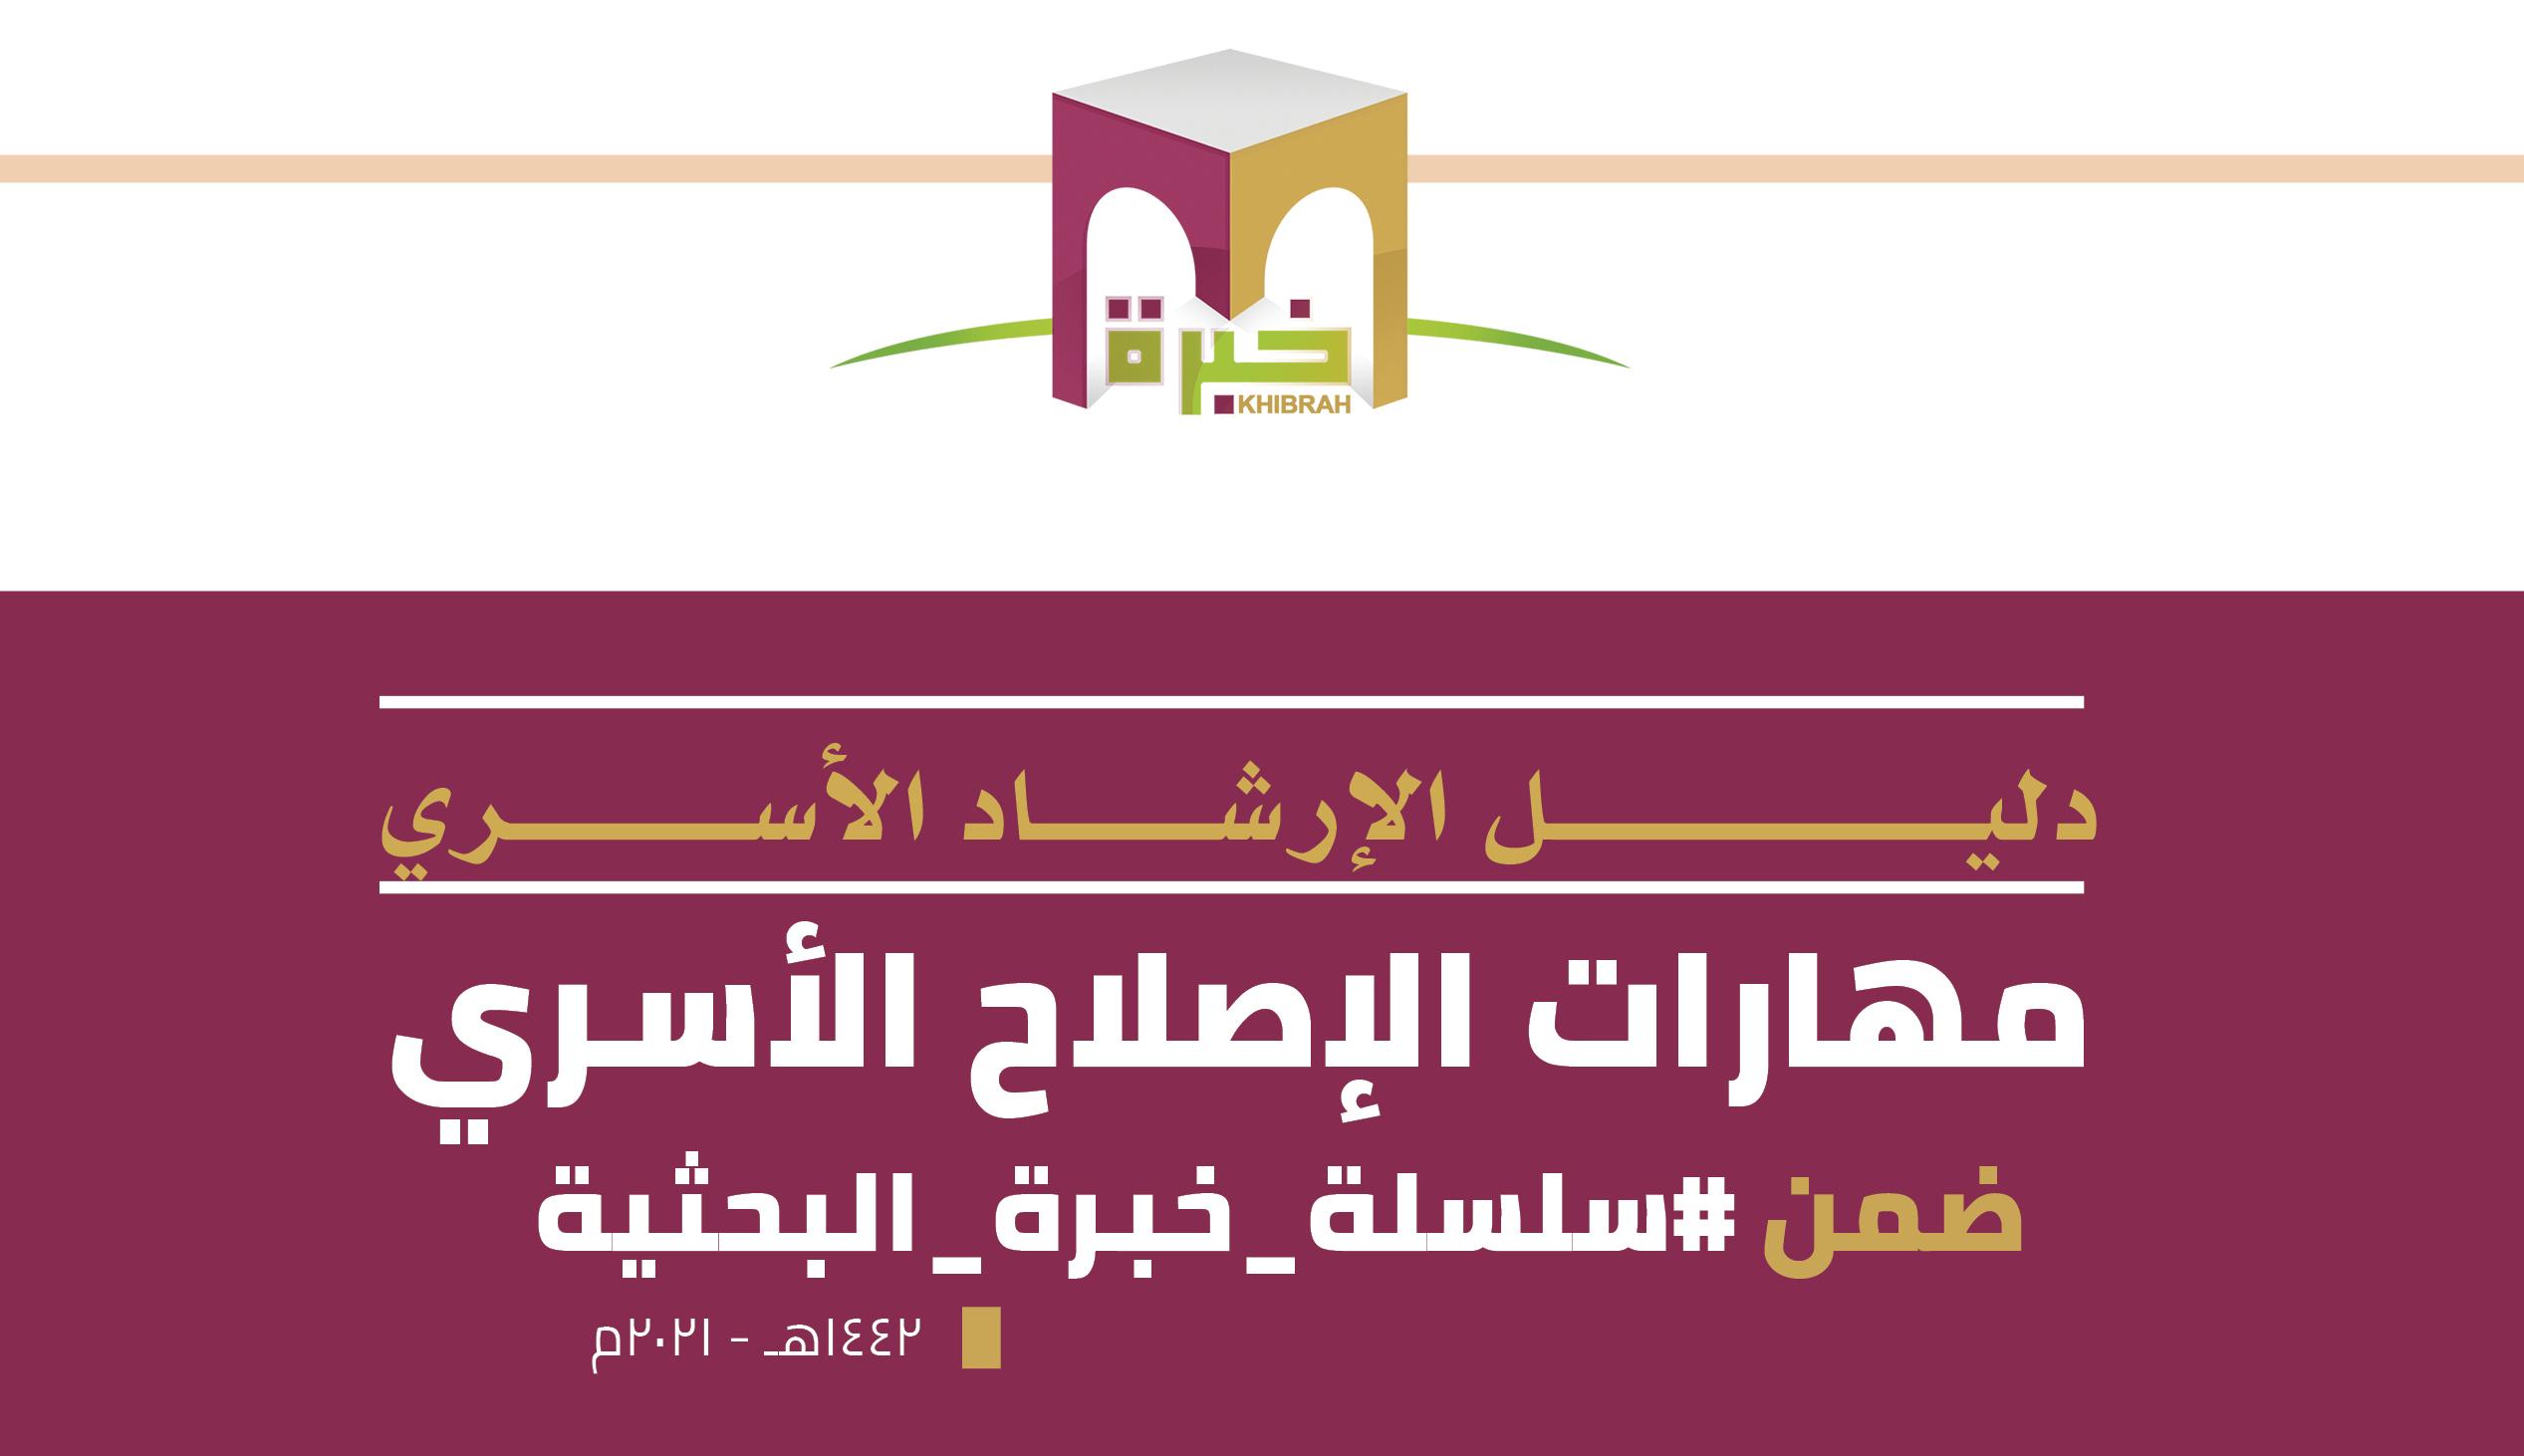 أكثر من 150 معنيا بالإصلاح الأسري يشاركون في لقاء مهارات #الإصلاح_الأسري